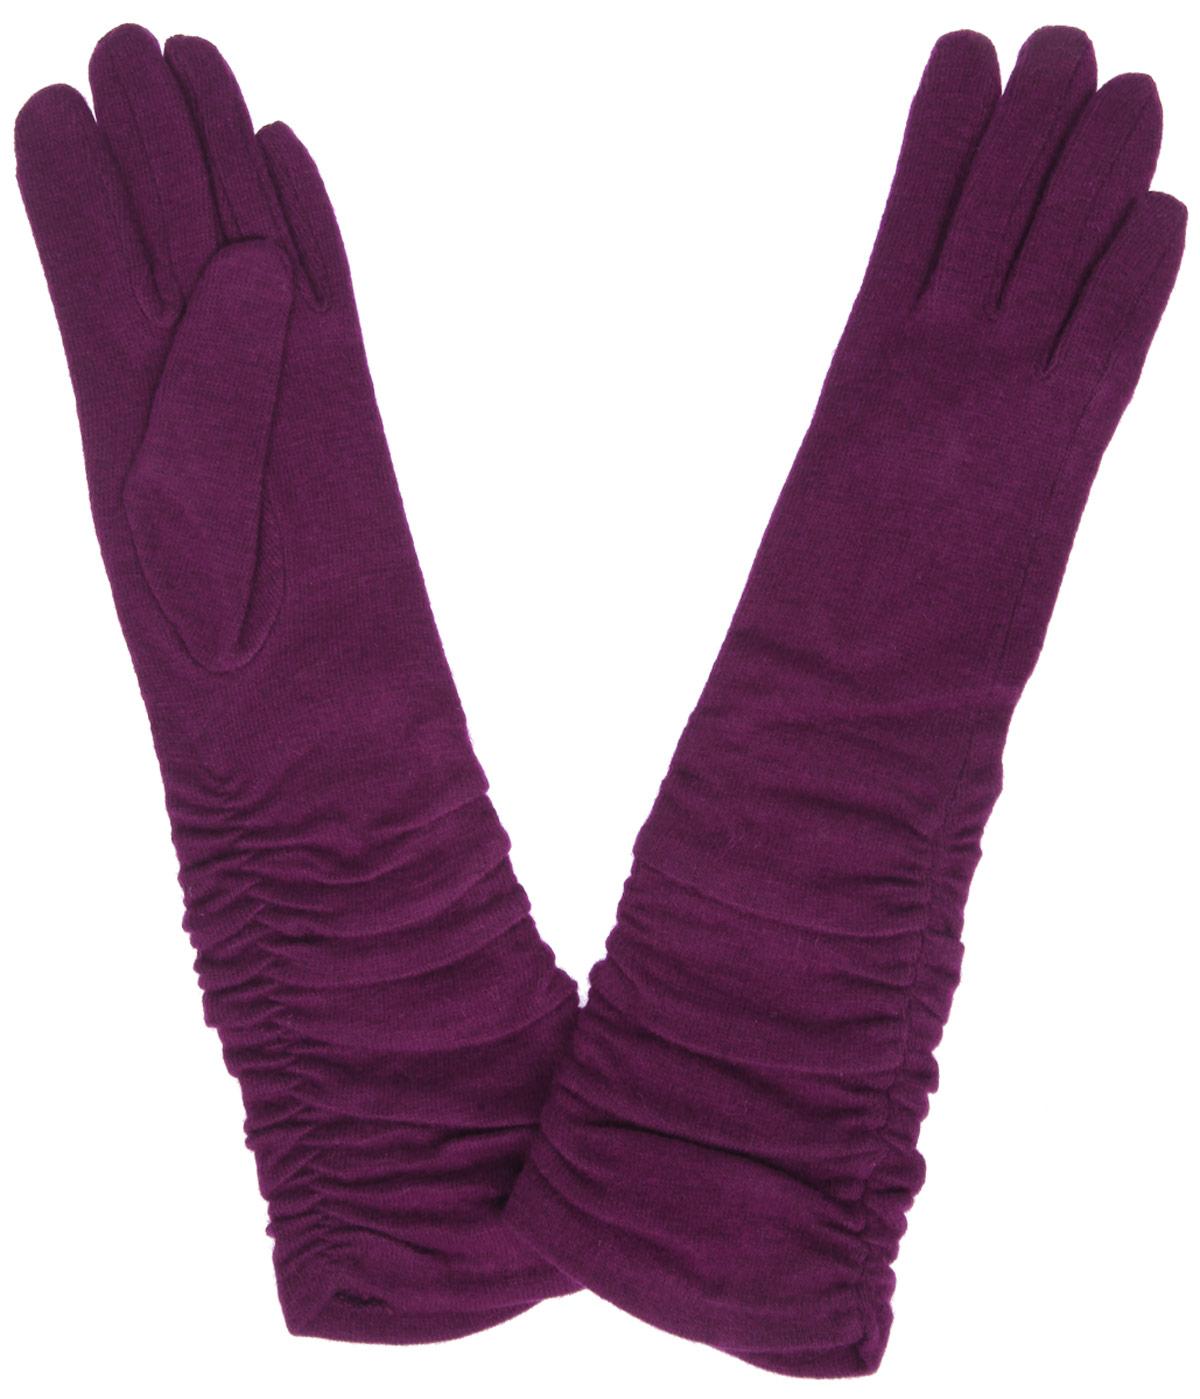 Длинные перчаткиLB-PH-97LДлинные женские перчатки Labbra не только защитят ваши руки от холода, но и станут стильным украшением. Перчатки выполнены из шерсти с добавлением акрила и ангоры. Они максимально сохраняют тепло, мягкие, идеально сидят на руке и хорошо тянутся. По бокам модель присборена на эластичные резинки. Перчатки являются неотъемлемой принадлежностью одежды, они станут завершающим и подчеркивающим элементом вашего неповторимого стиля и индивидуальности.